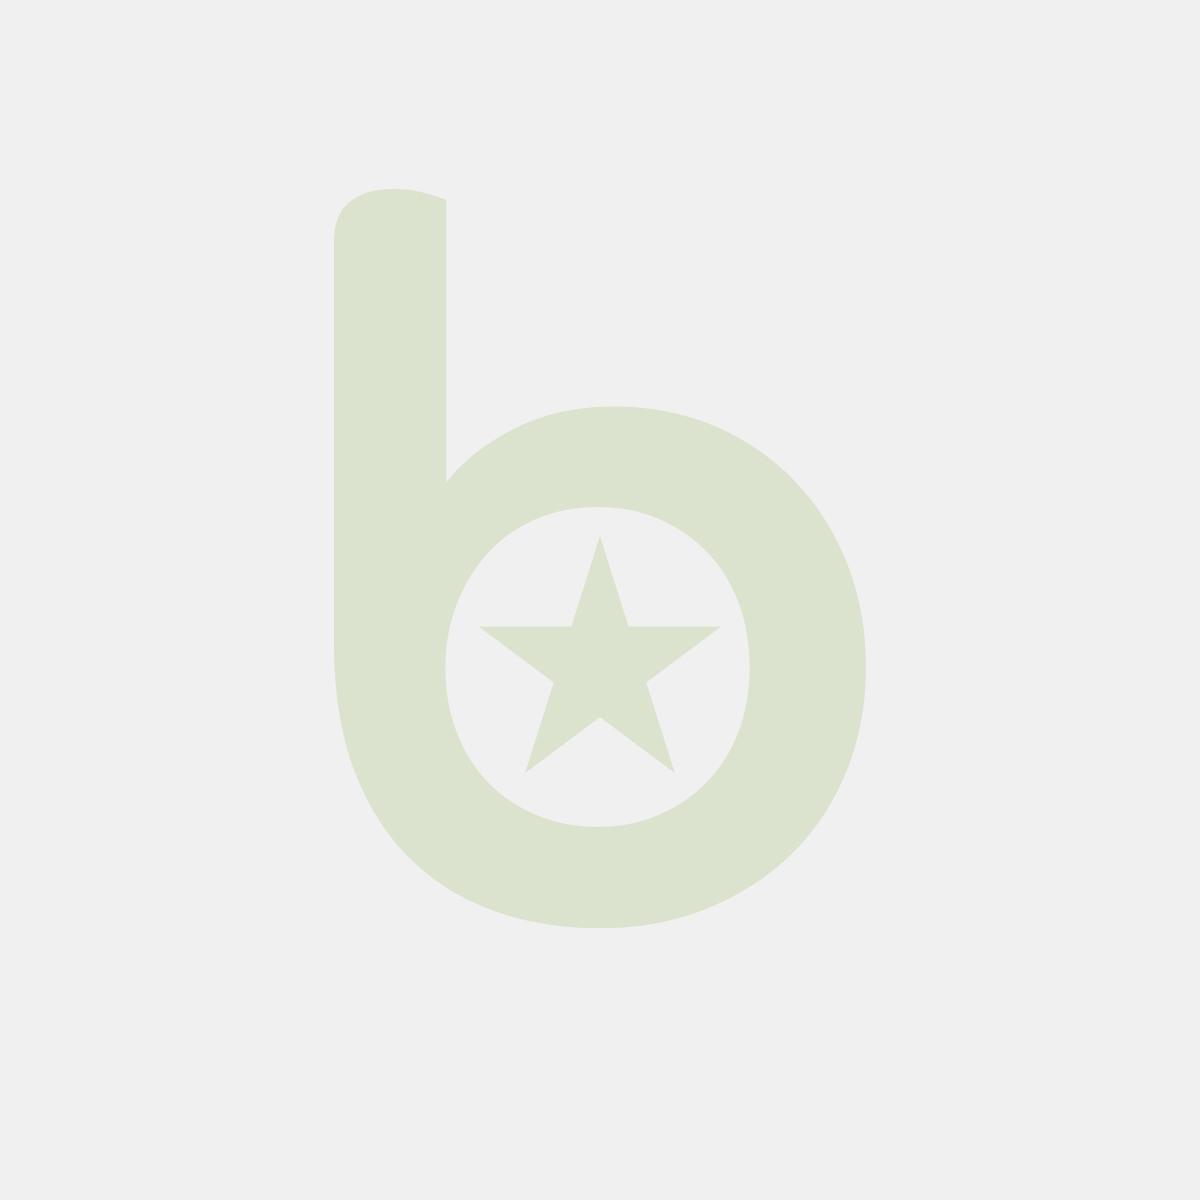 Talerz Leaf 36,5x15,5xh2,7cm, czarna melamina